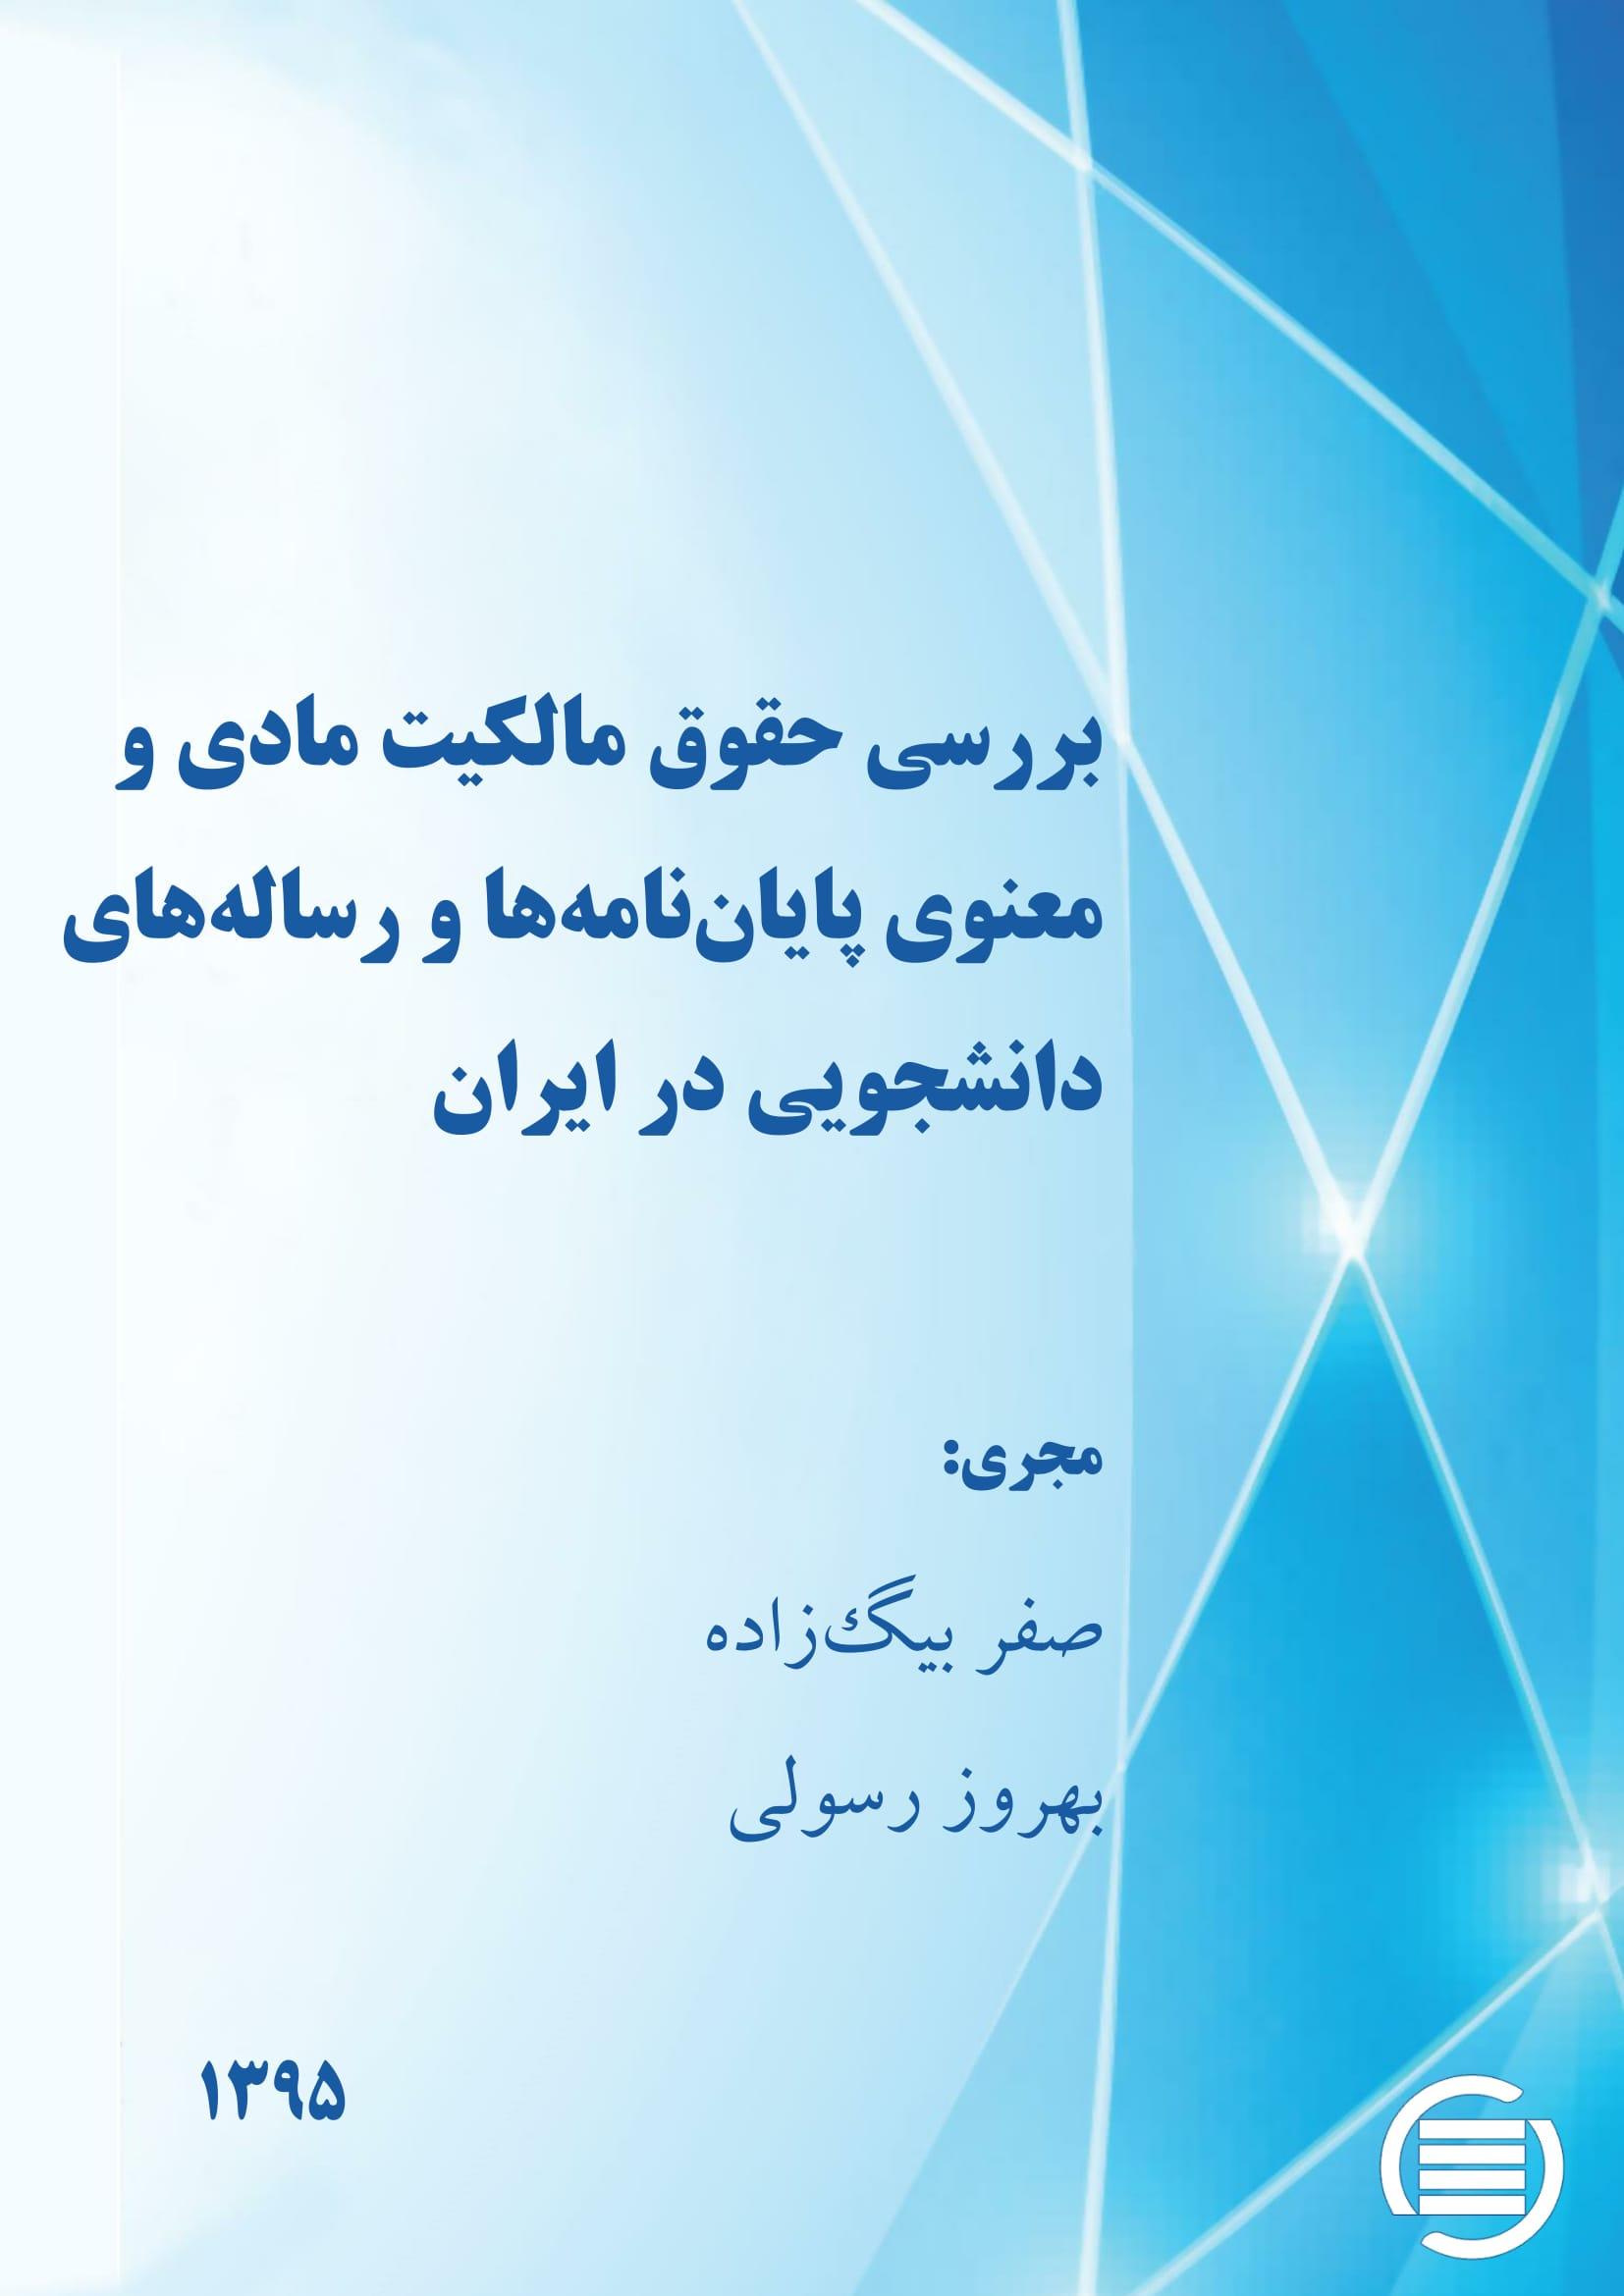 بررسی حقوق مالکیت مادی و معنوی پایاننامهها و رسالههای دانشجویی در ایران